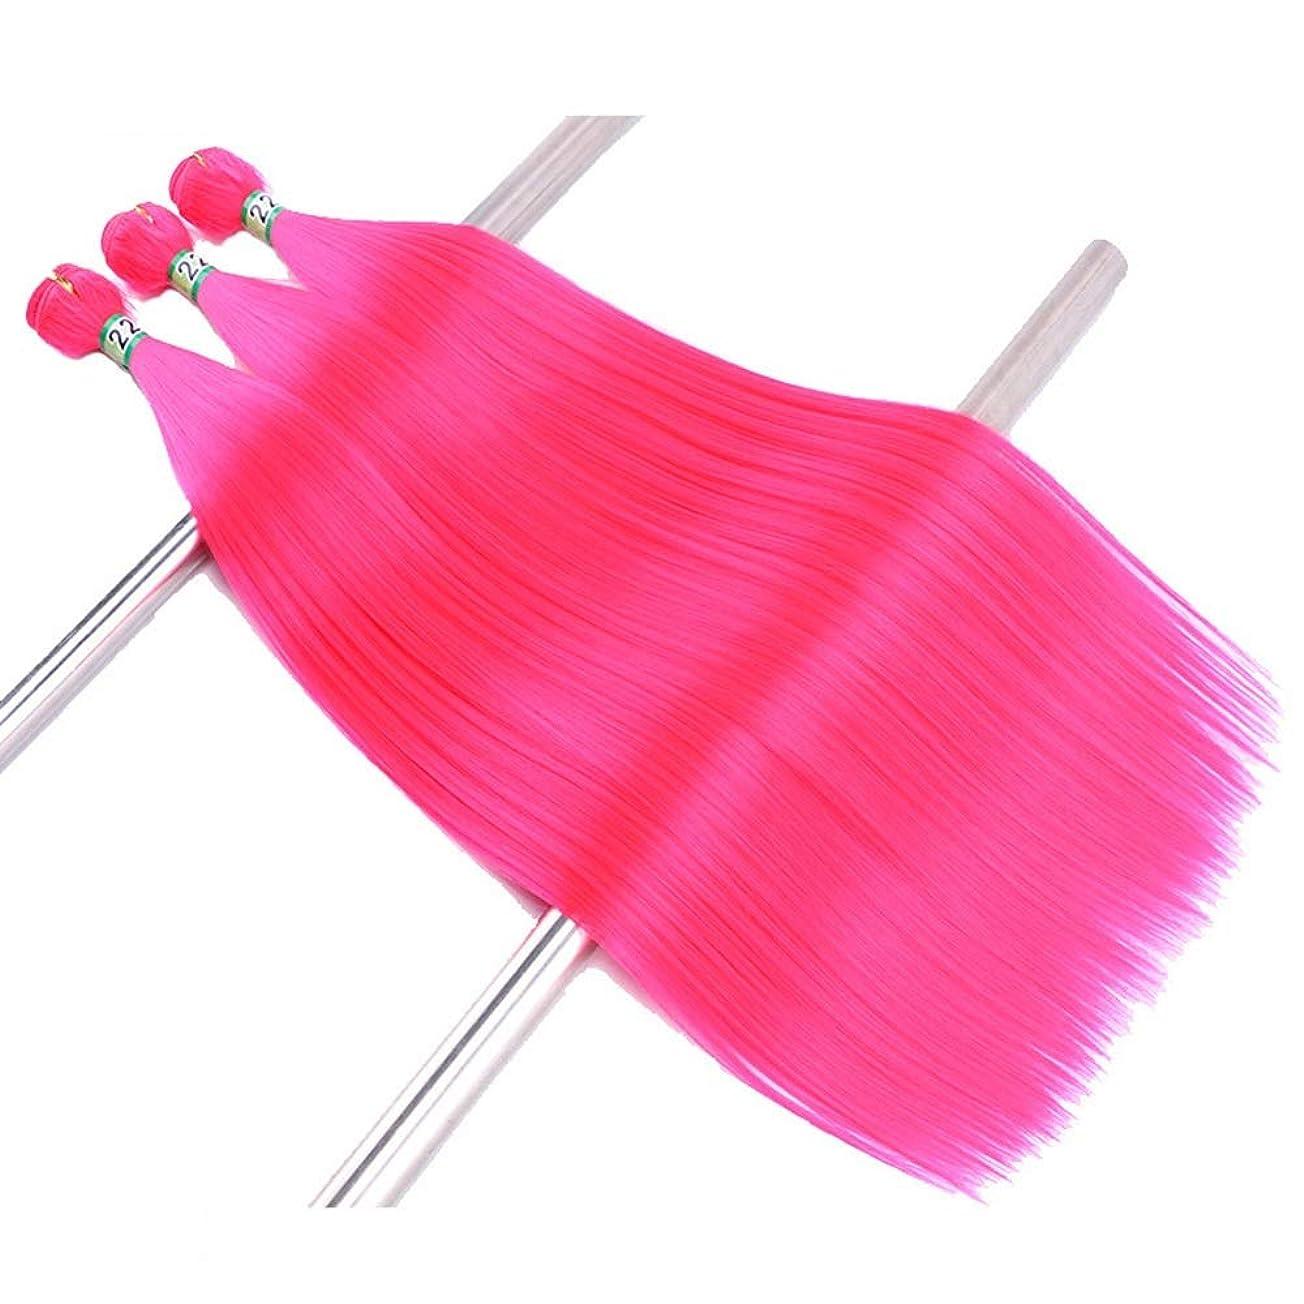 会社改善するがっかりしたYrattary ロングストレートヘアエクステンションブラジル織り3バンドル18インチピンク合成髪用女性合成ヘアレースかつらロールプレイングかつら長くて短い女性自然 (色 : ローズレッド, サイズ : 16inch)